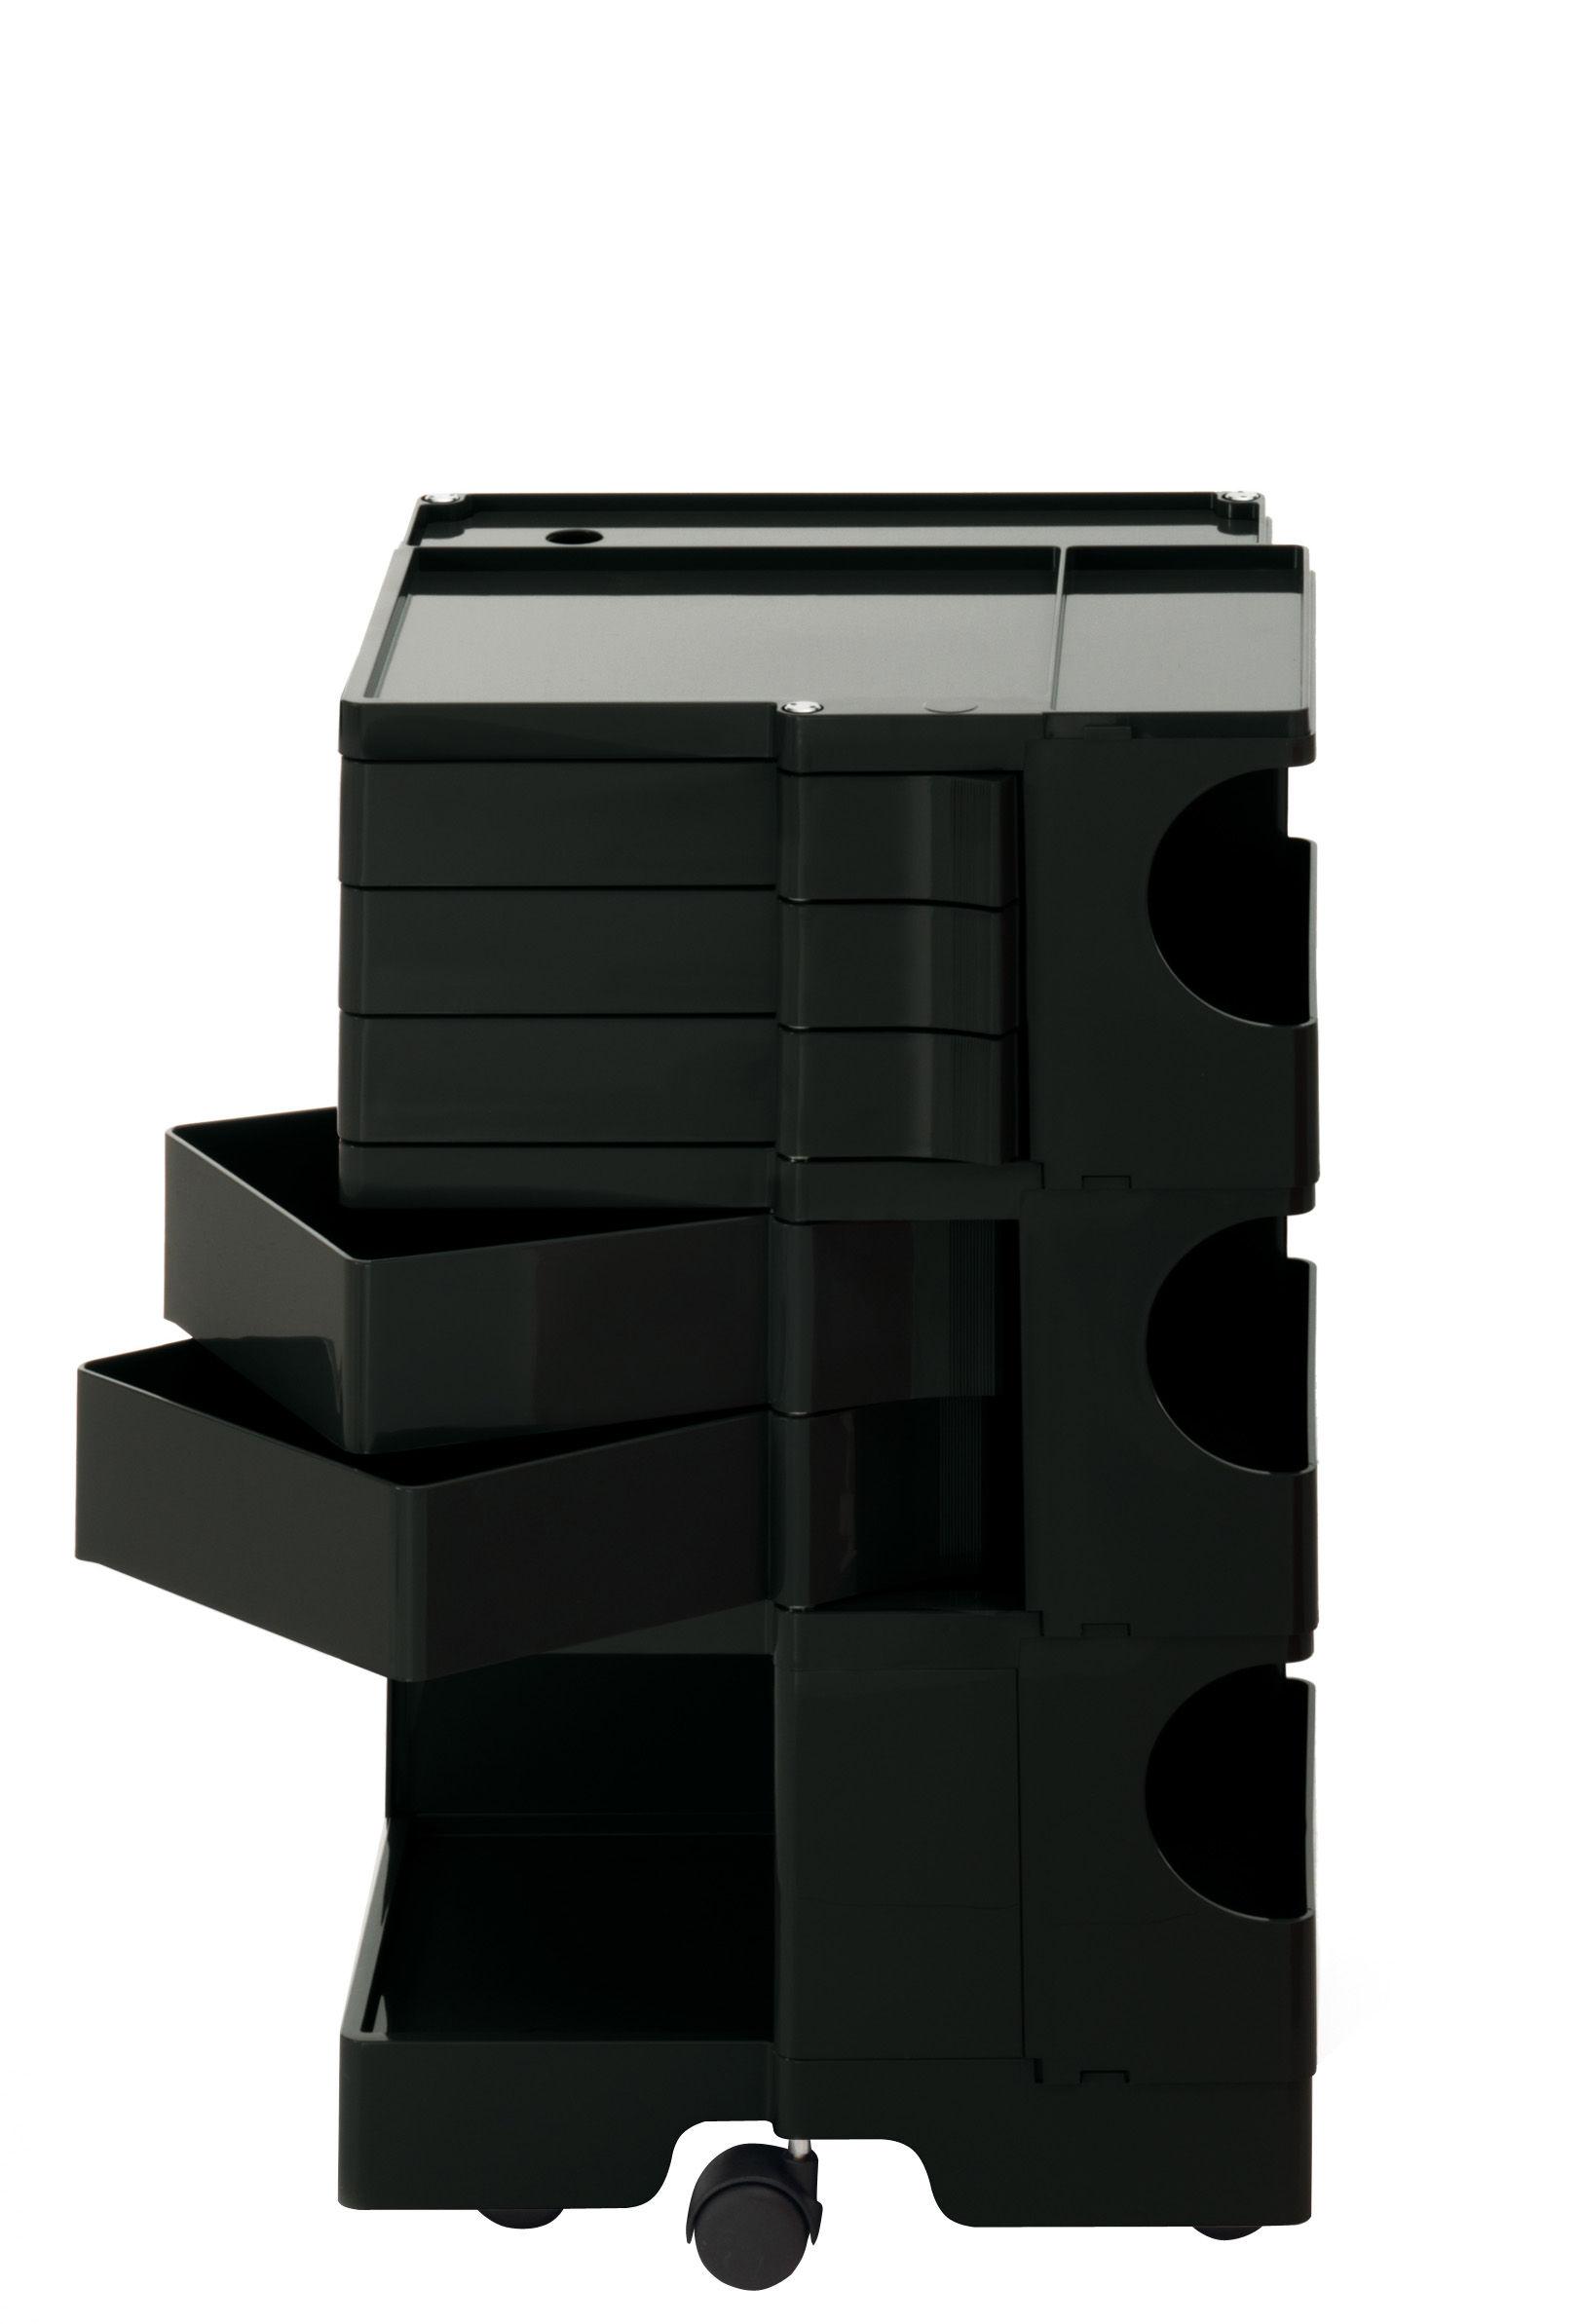 Mobilier - Compléments d'ameublement - Desserte Boby / H 73 cm - 5 tiroirs - B-LINE - Noir - ABS